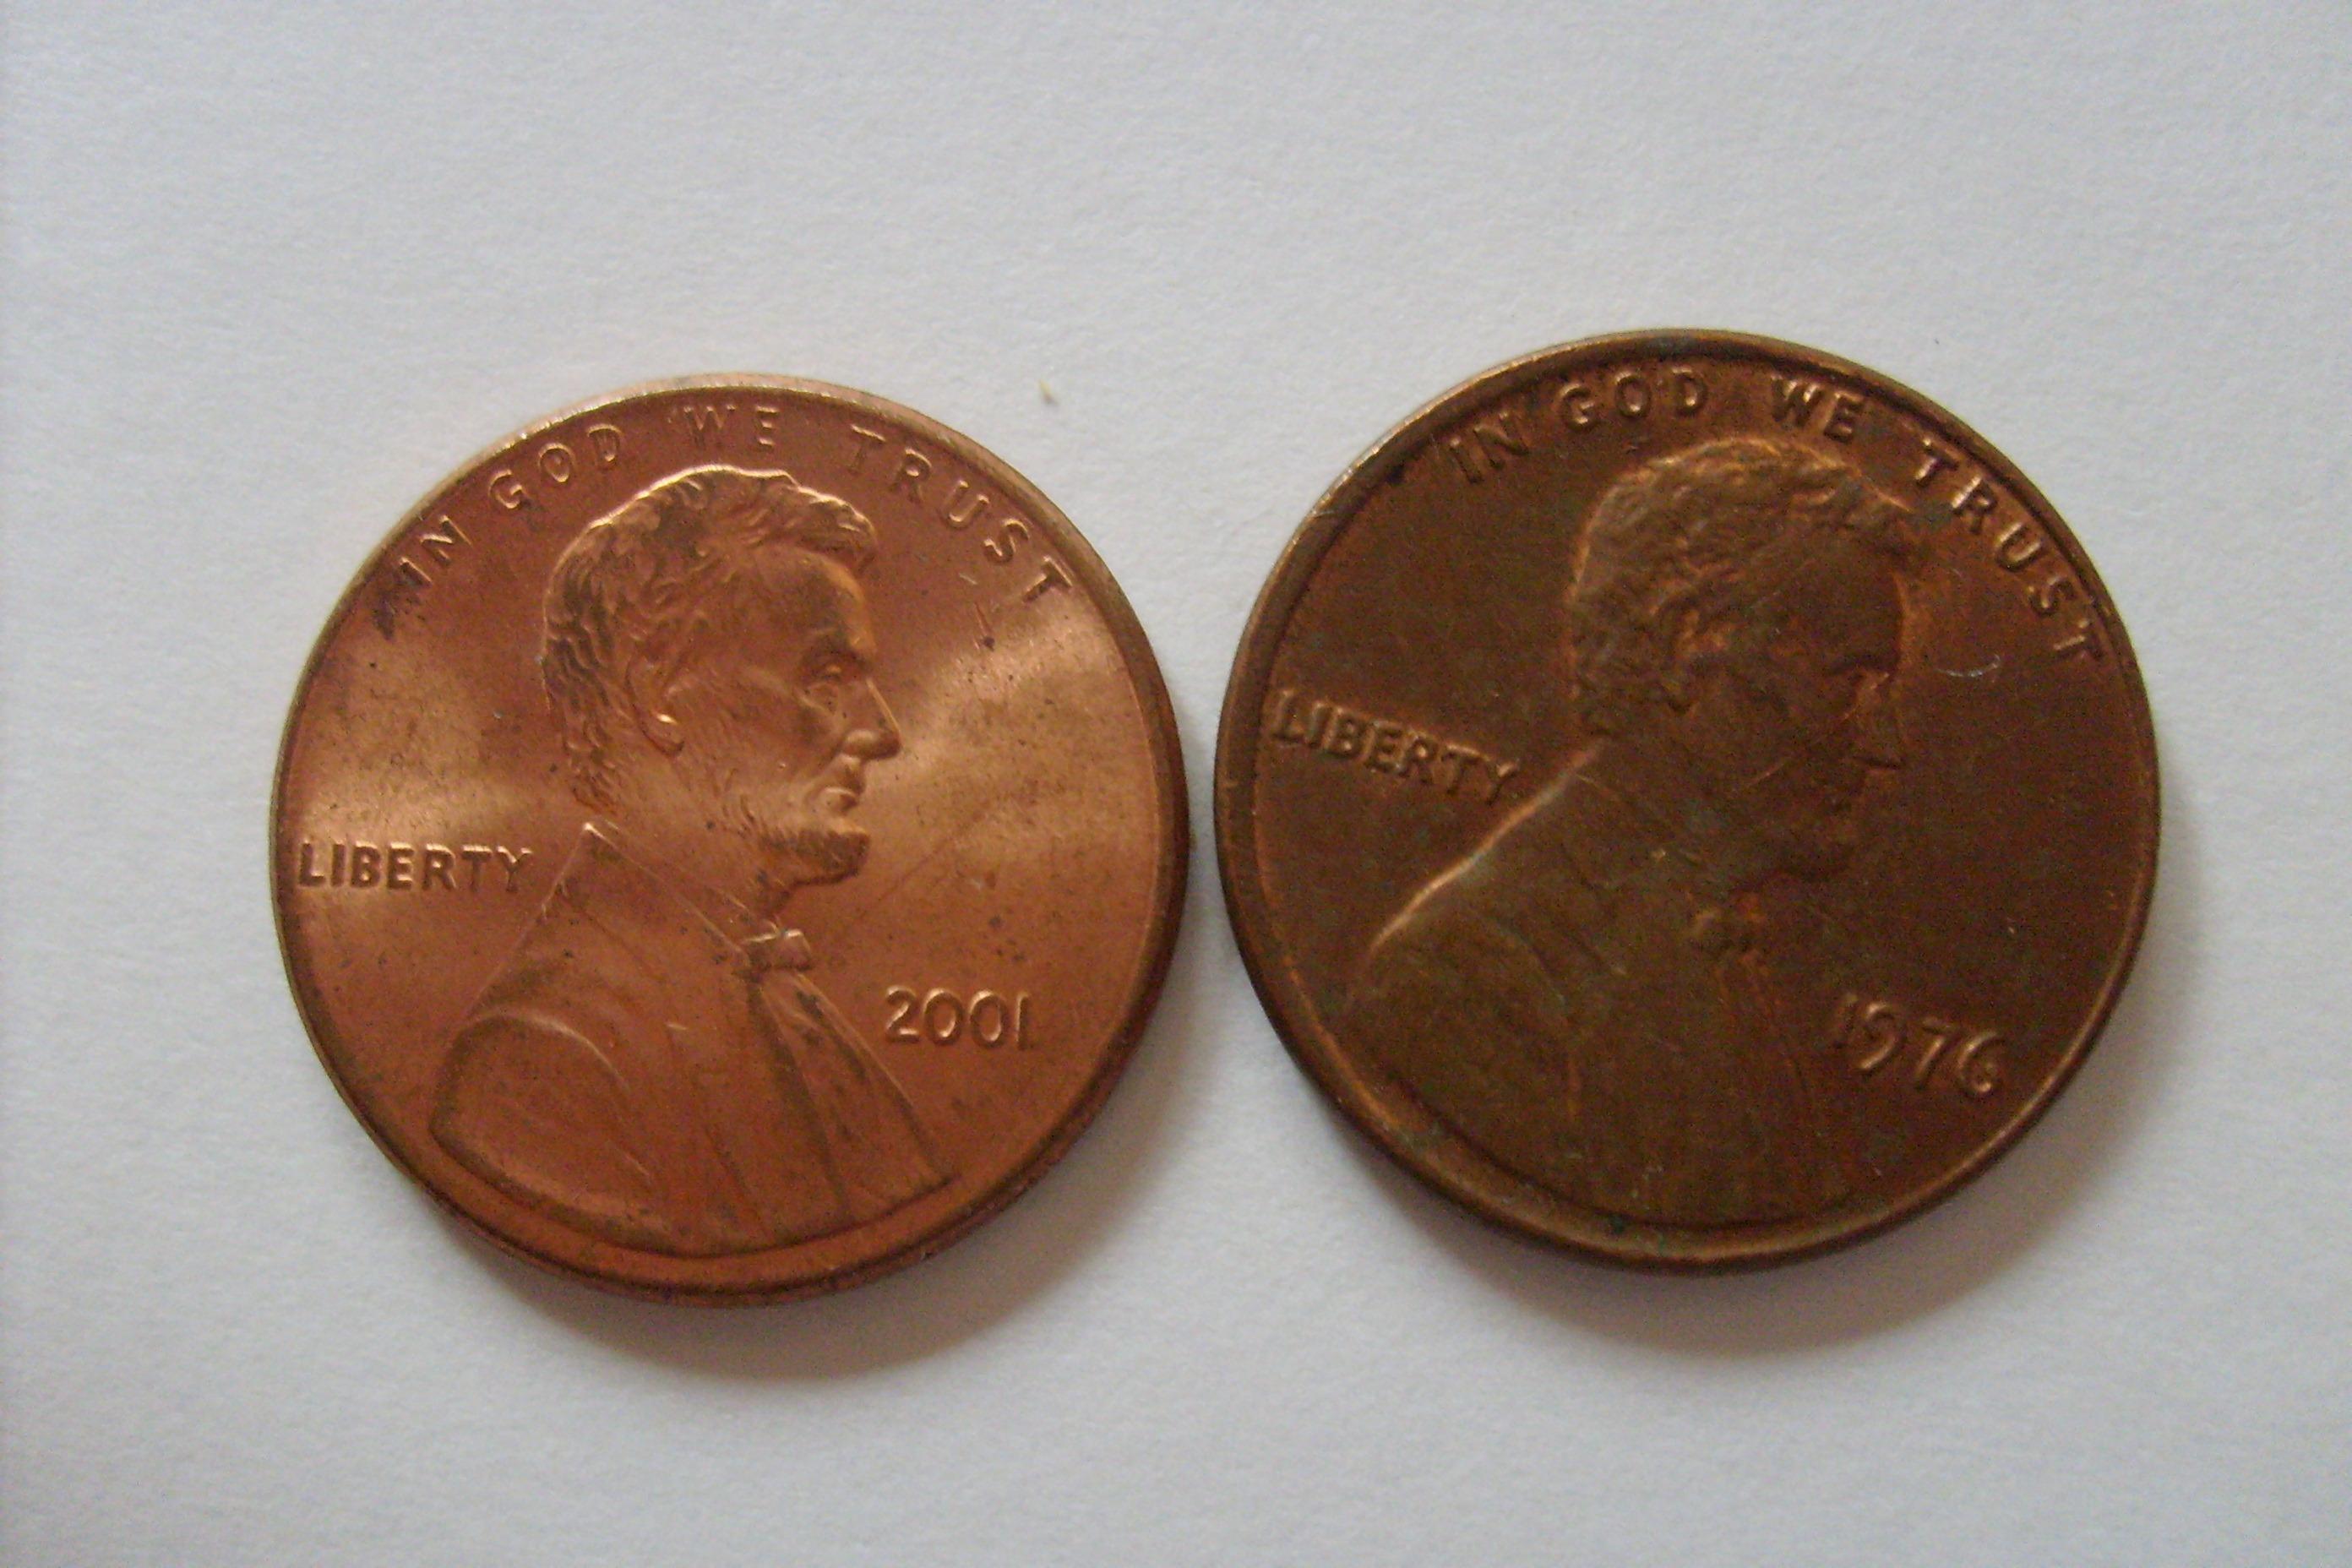 Kostenlose Foto Metall Geld Kasse Bank Währung Münze Bronze